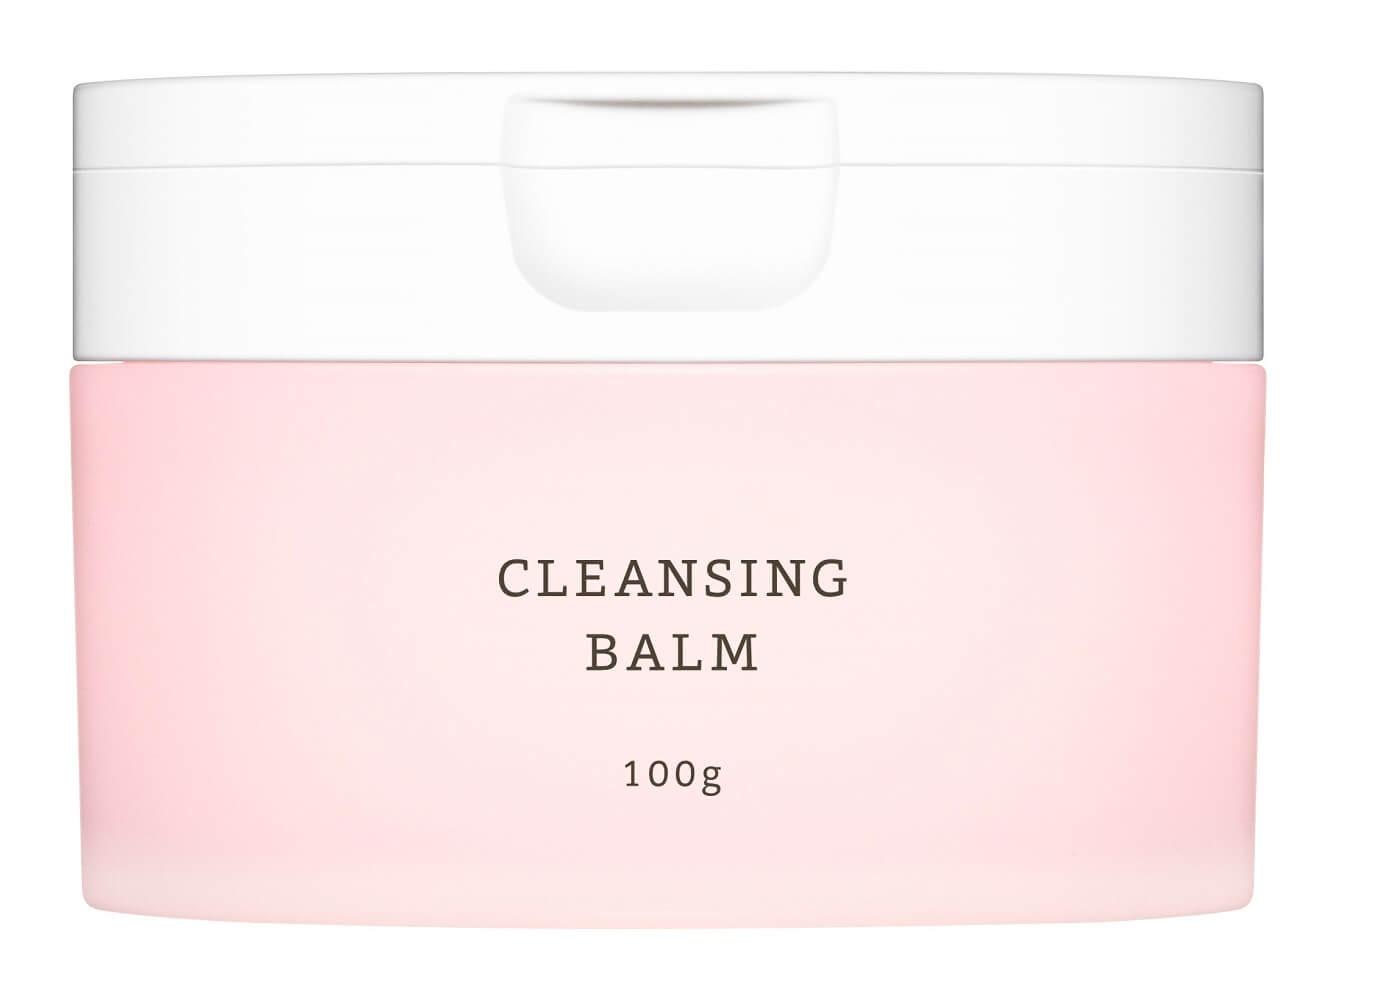 RMK Cleansing Balm